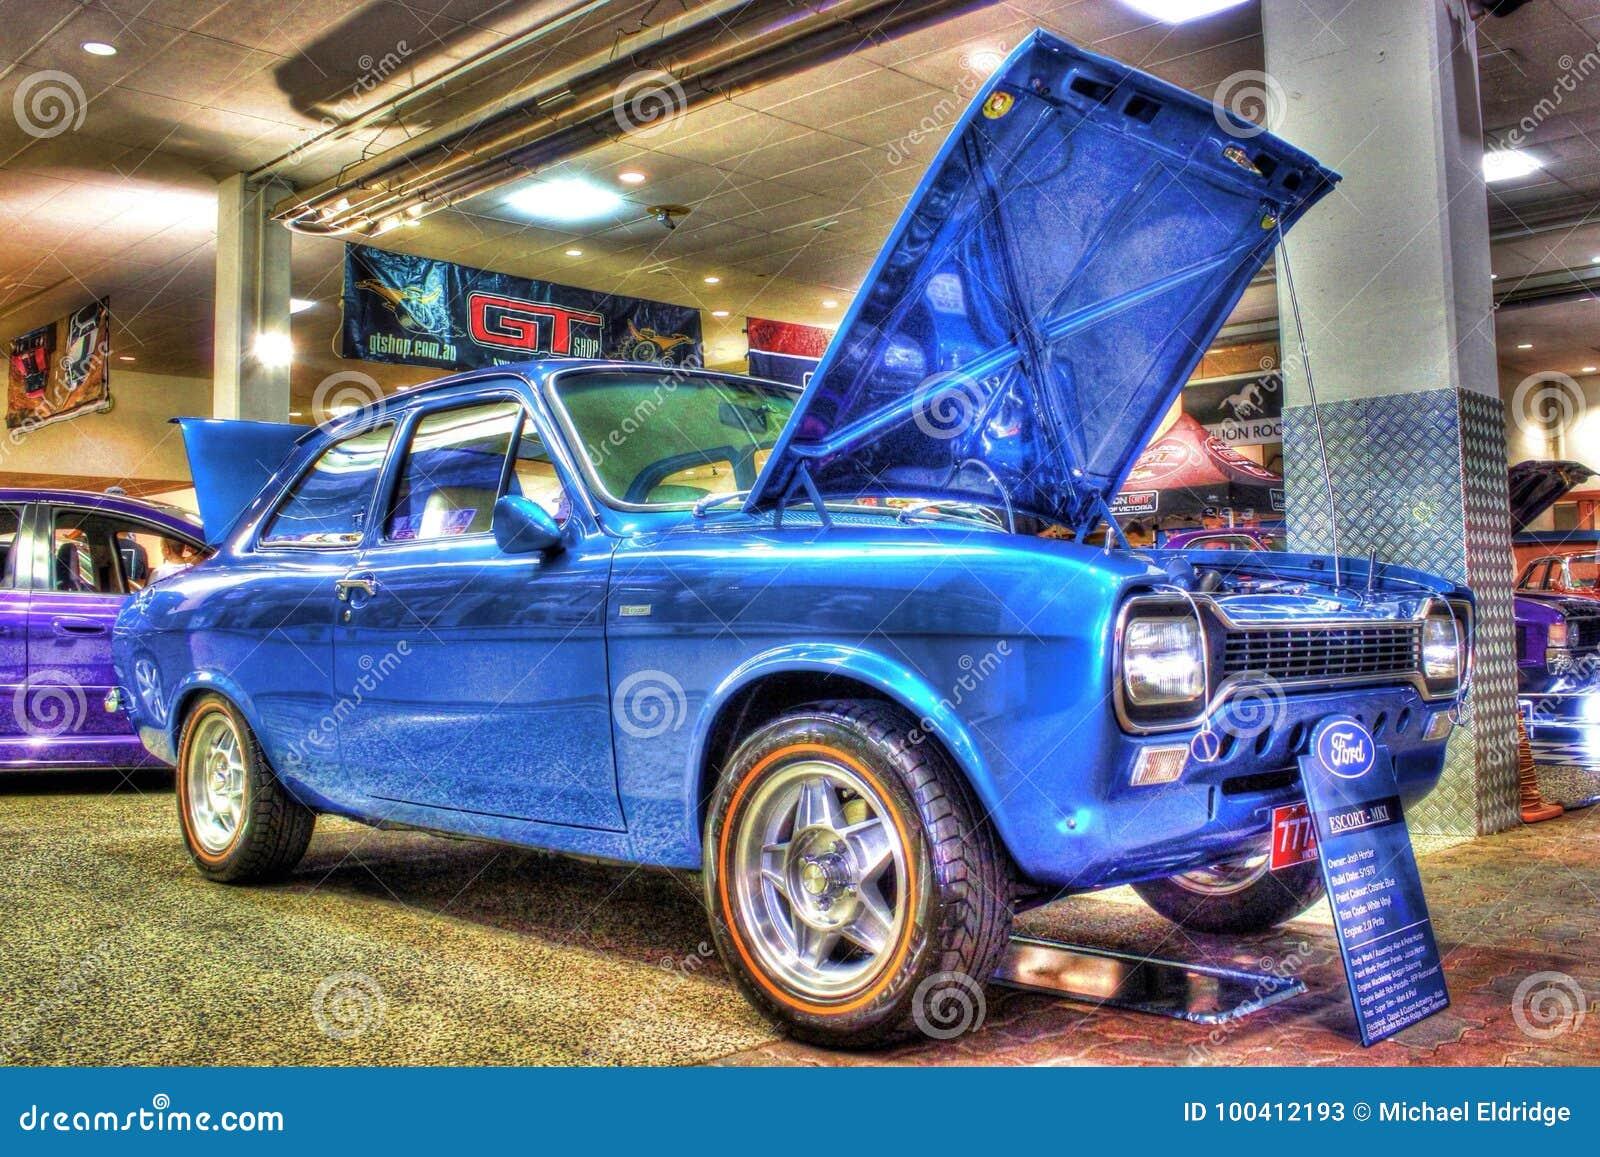 Ford Escort Anni 70.Gli Anni 70 Classici Ford Escort Mk1 Fotografia Stock Editoriale